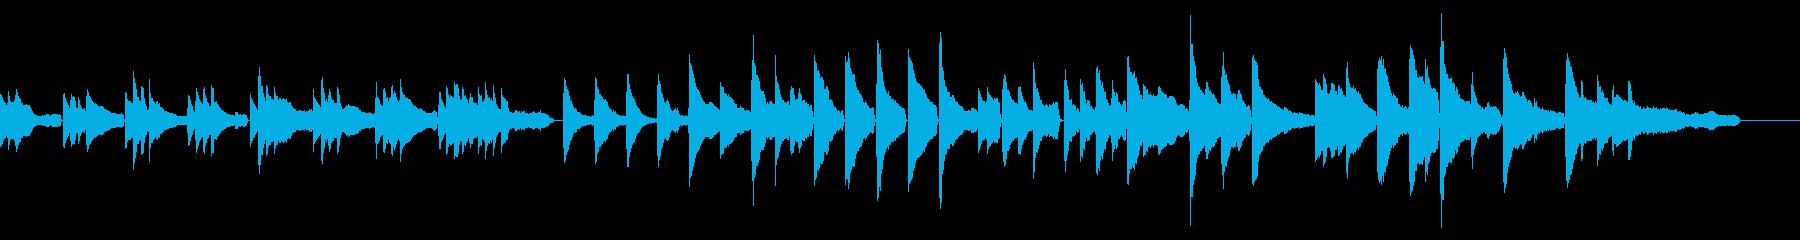 優しさと癒しを感じるピアノ系のヒーリングの再生済みの波形